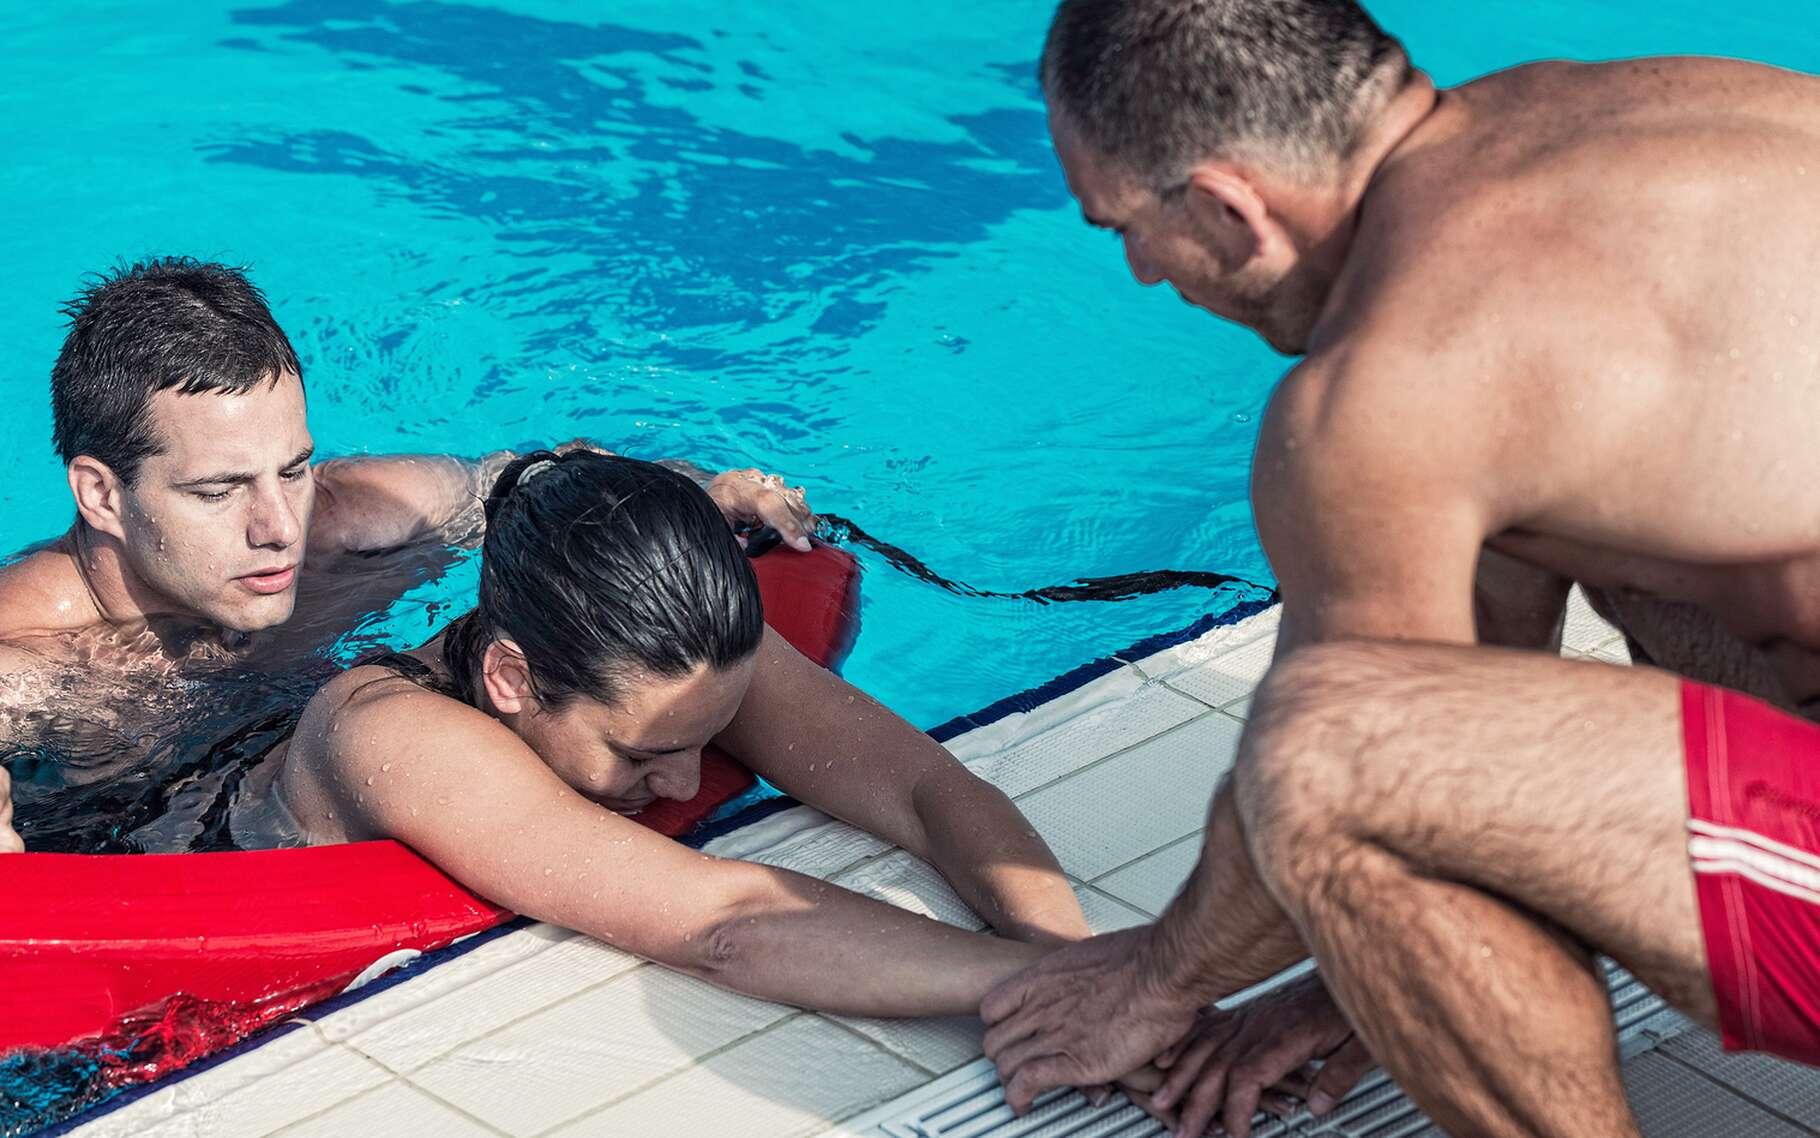 Les noyades sont évitables, à condition d'être vigilant et raisonnable. © Microgen, Shutterstock